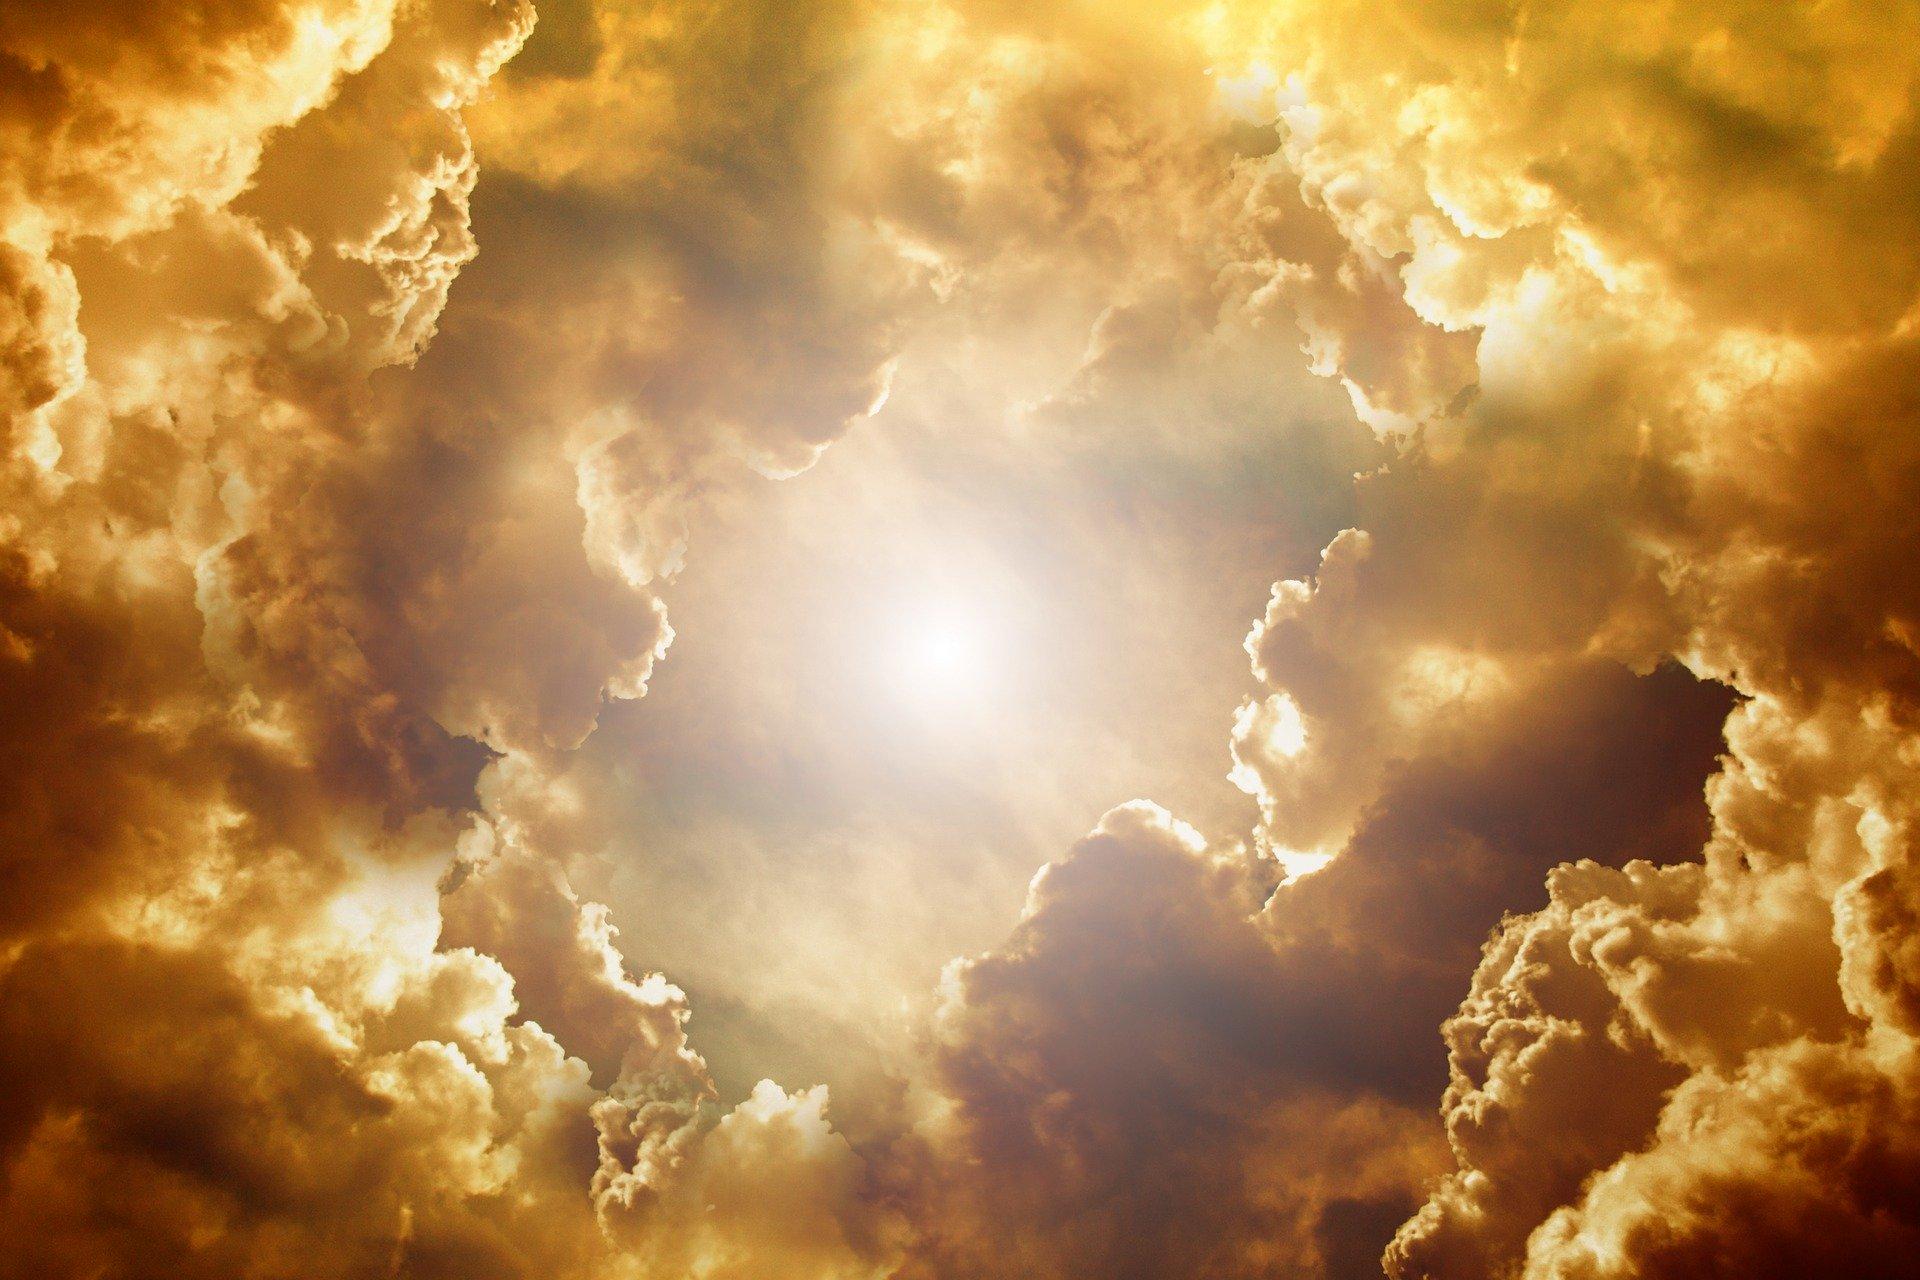 雲の隙間から見える明るい光